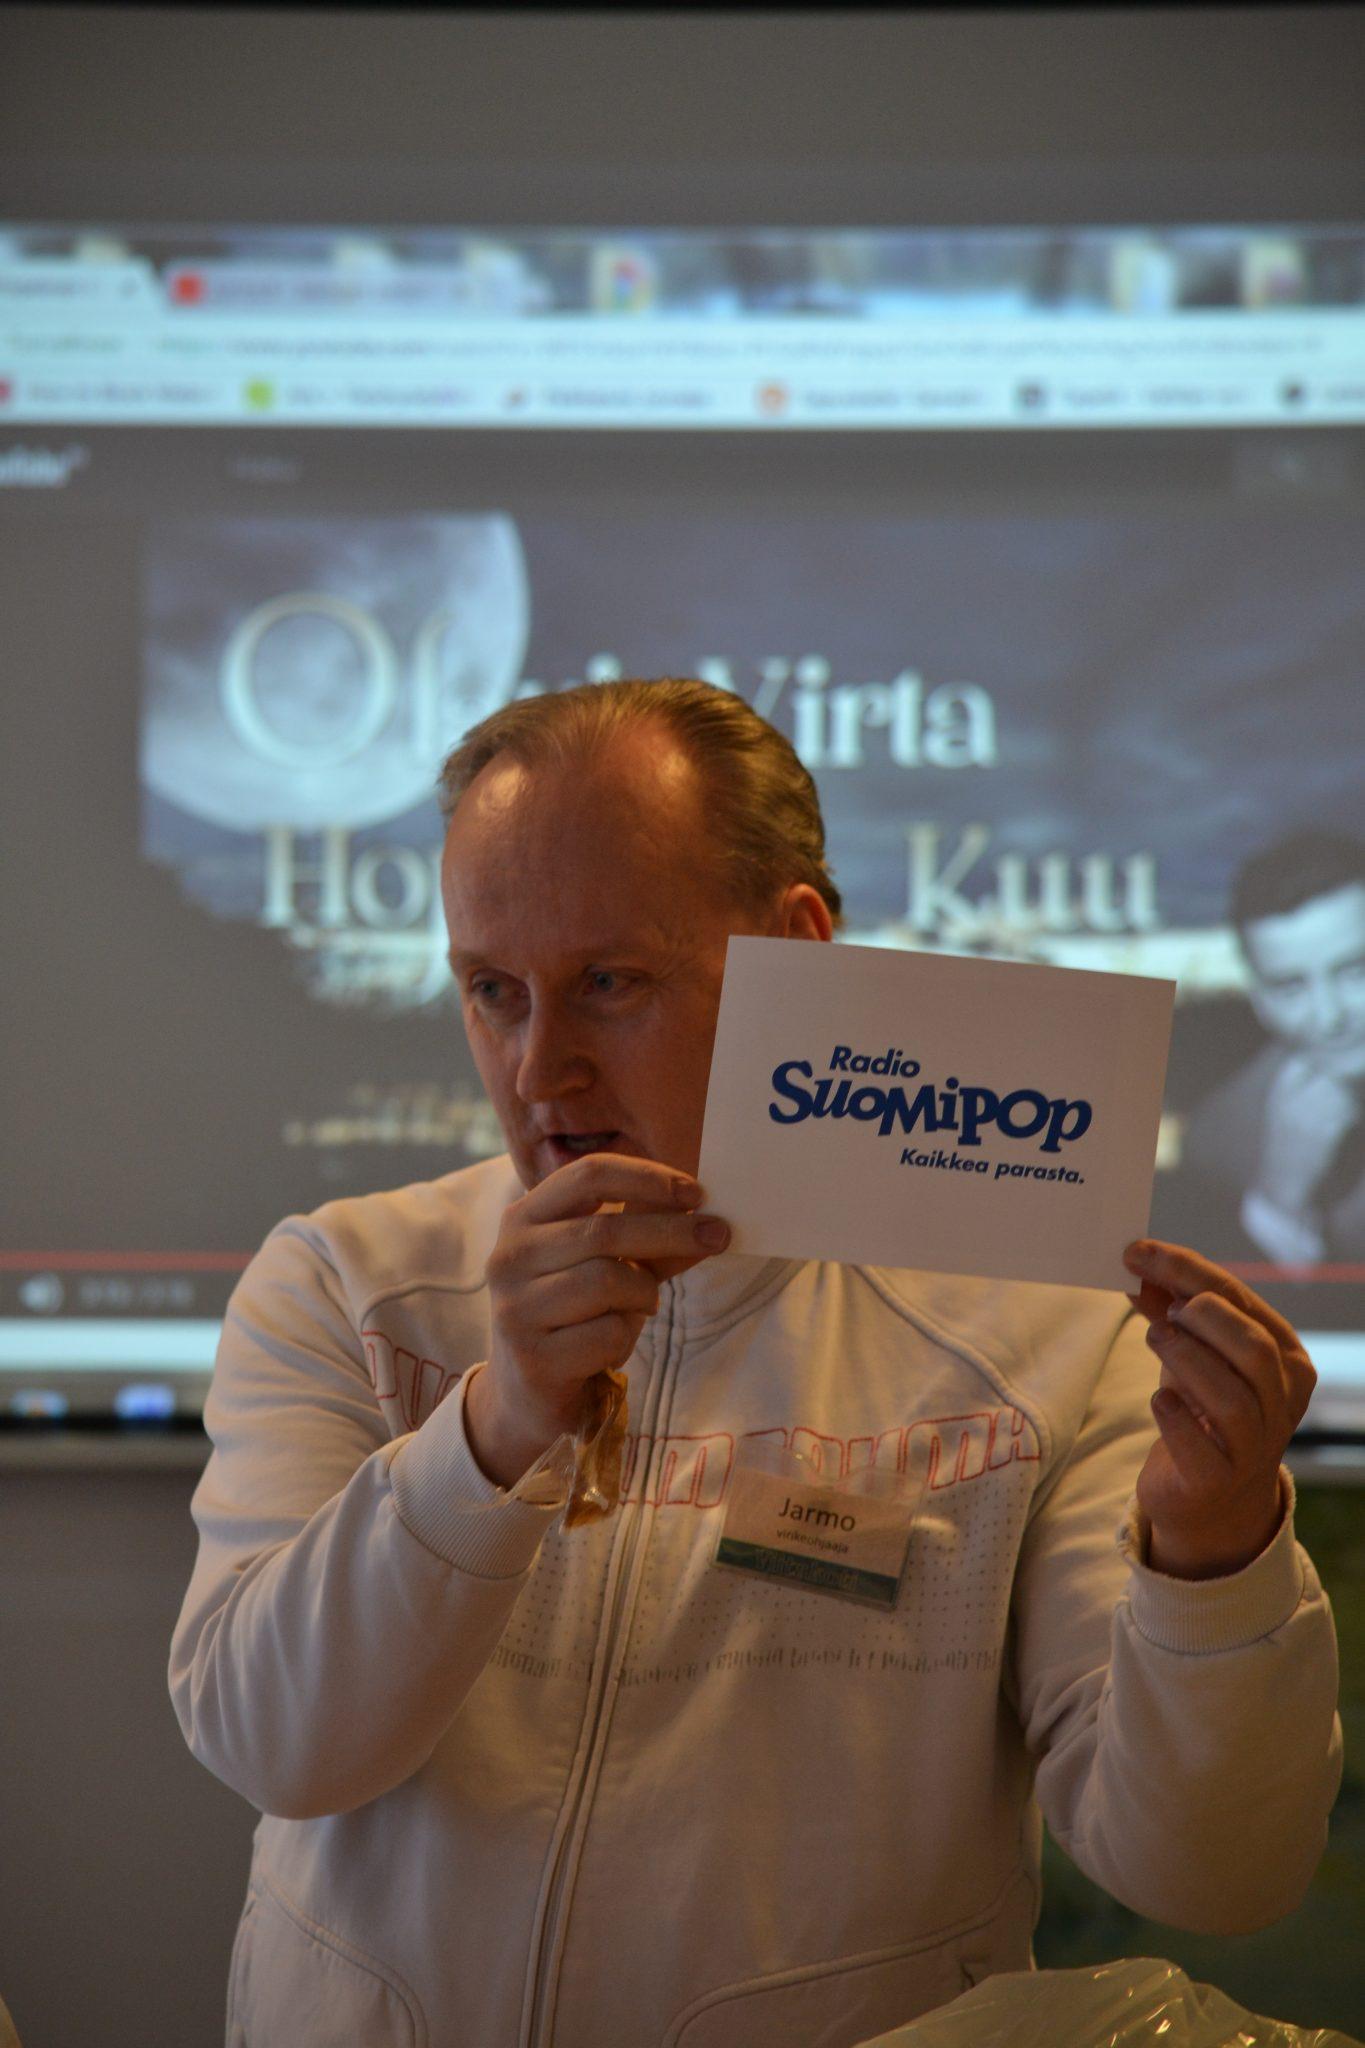 Virikeohjaaja Jarmo avasi Radio Sipmipopin lahjoittaman suukkalaatikon